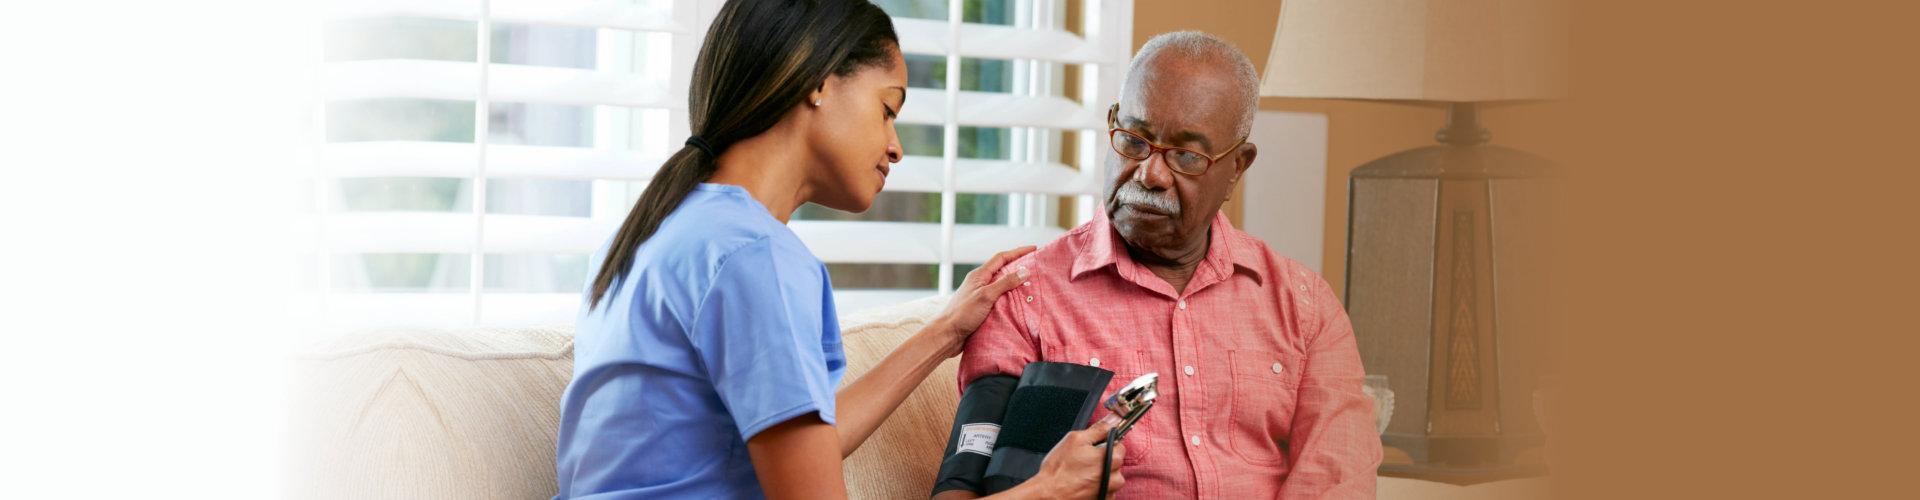 nurse checking her senior patient